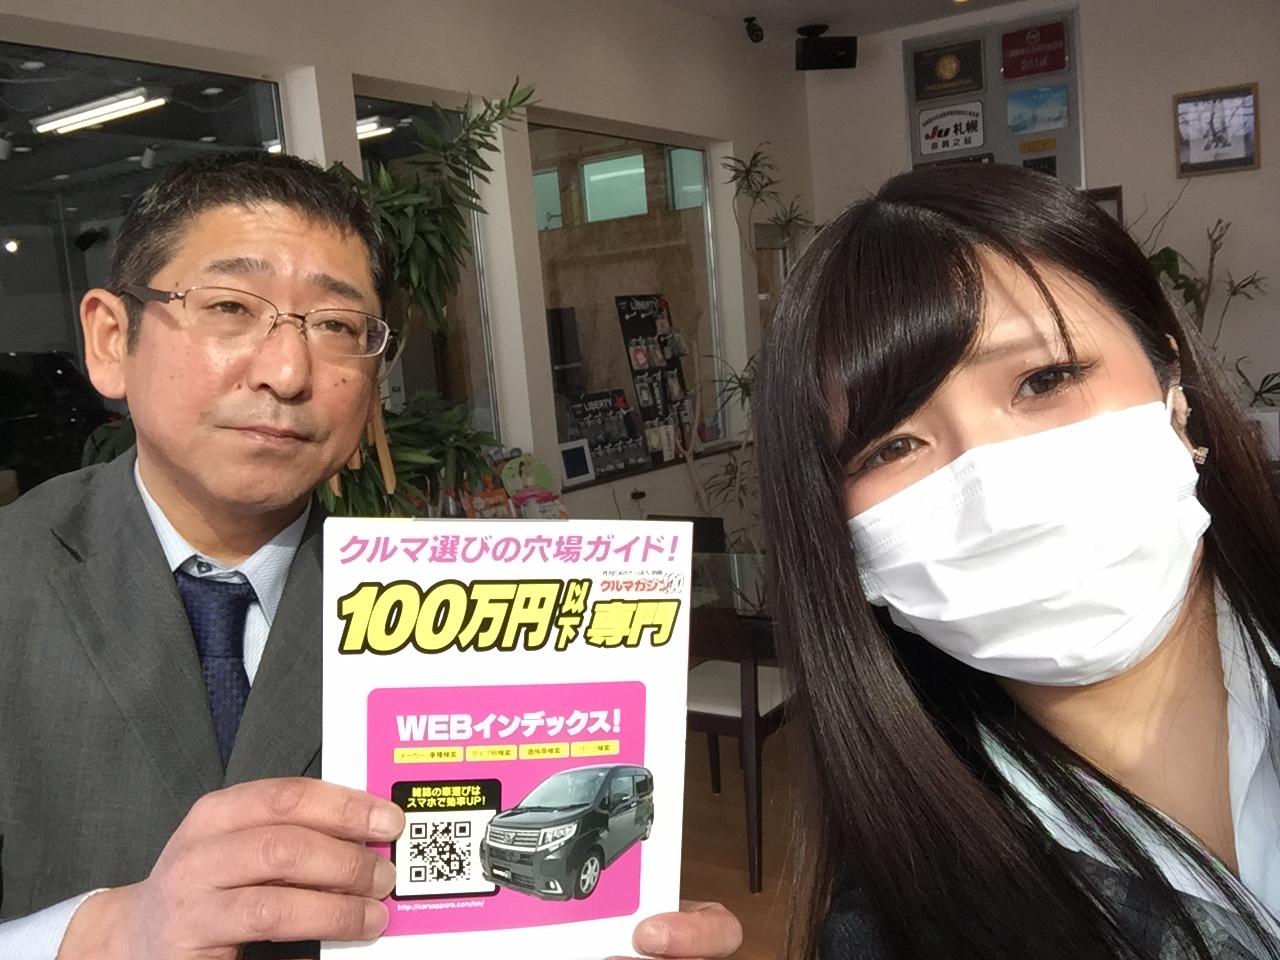 2月13日 火曜日のひとログ(´▽`) エスカレード♬レンタカーあります!!購入も可♬TOMMY_b0127002_1742925.jpg